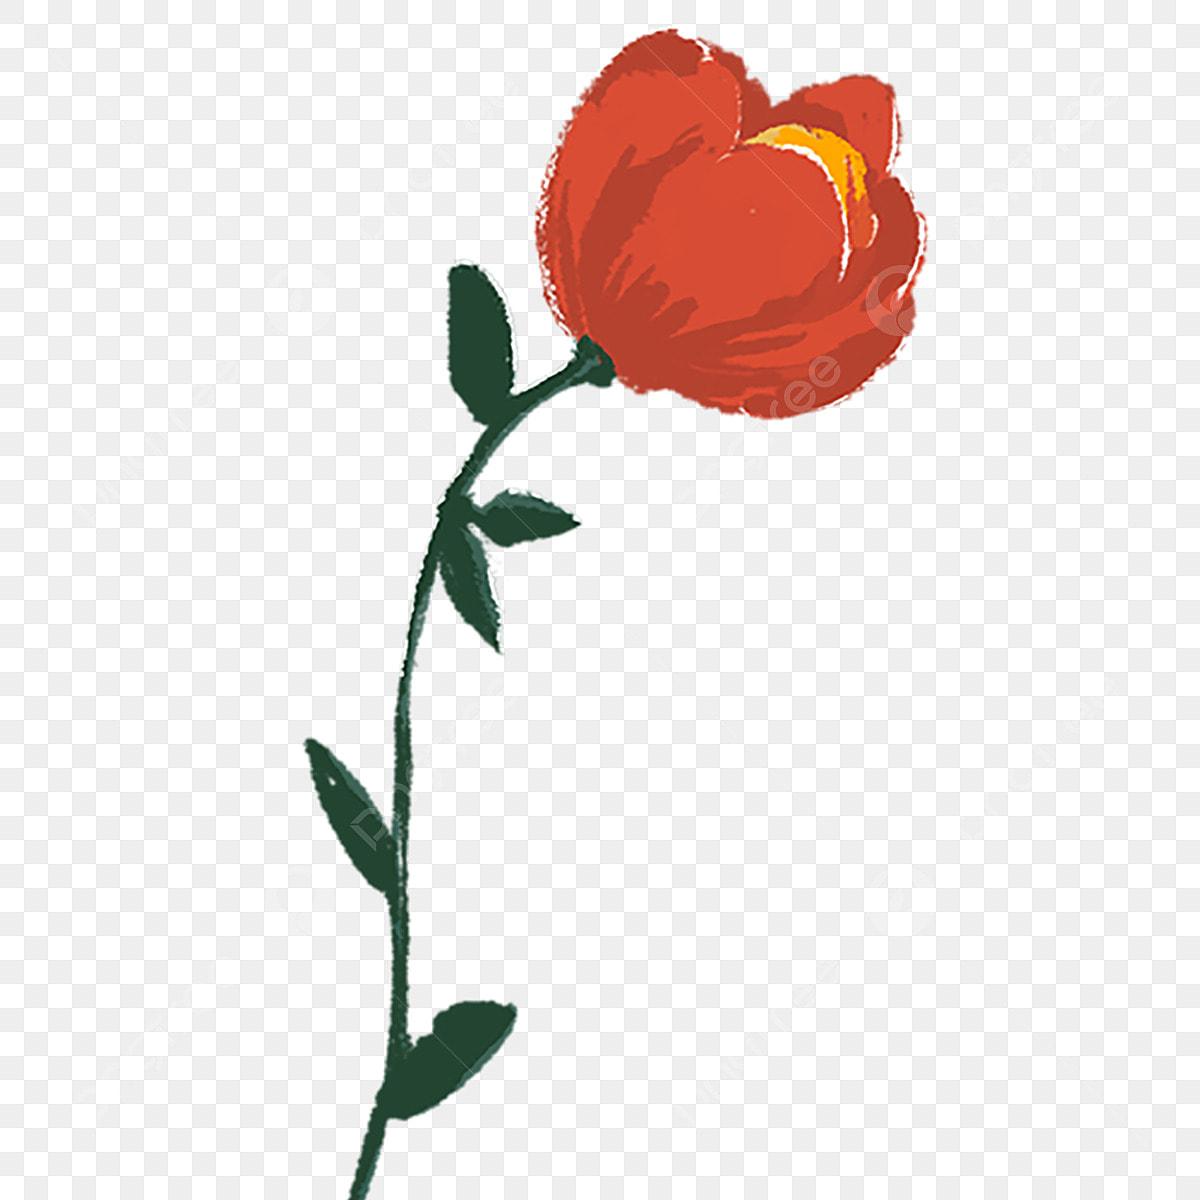 Couleur Plante Fleur Illustration De Dessin Animé Couleur